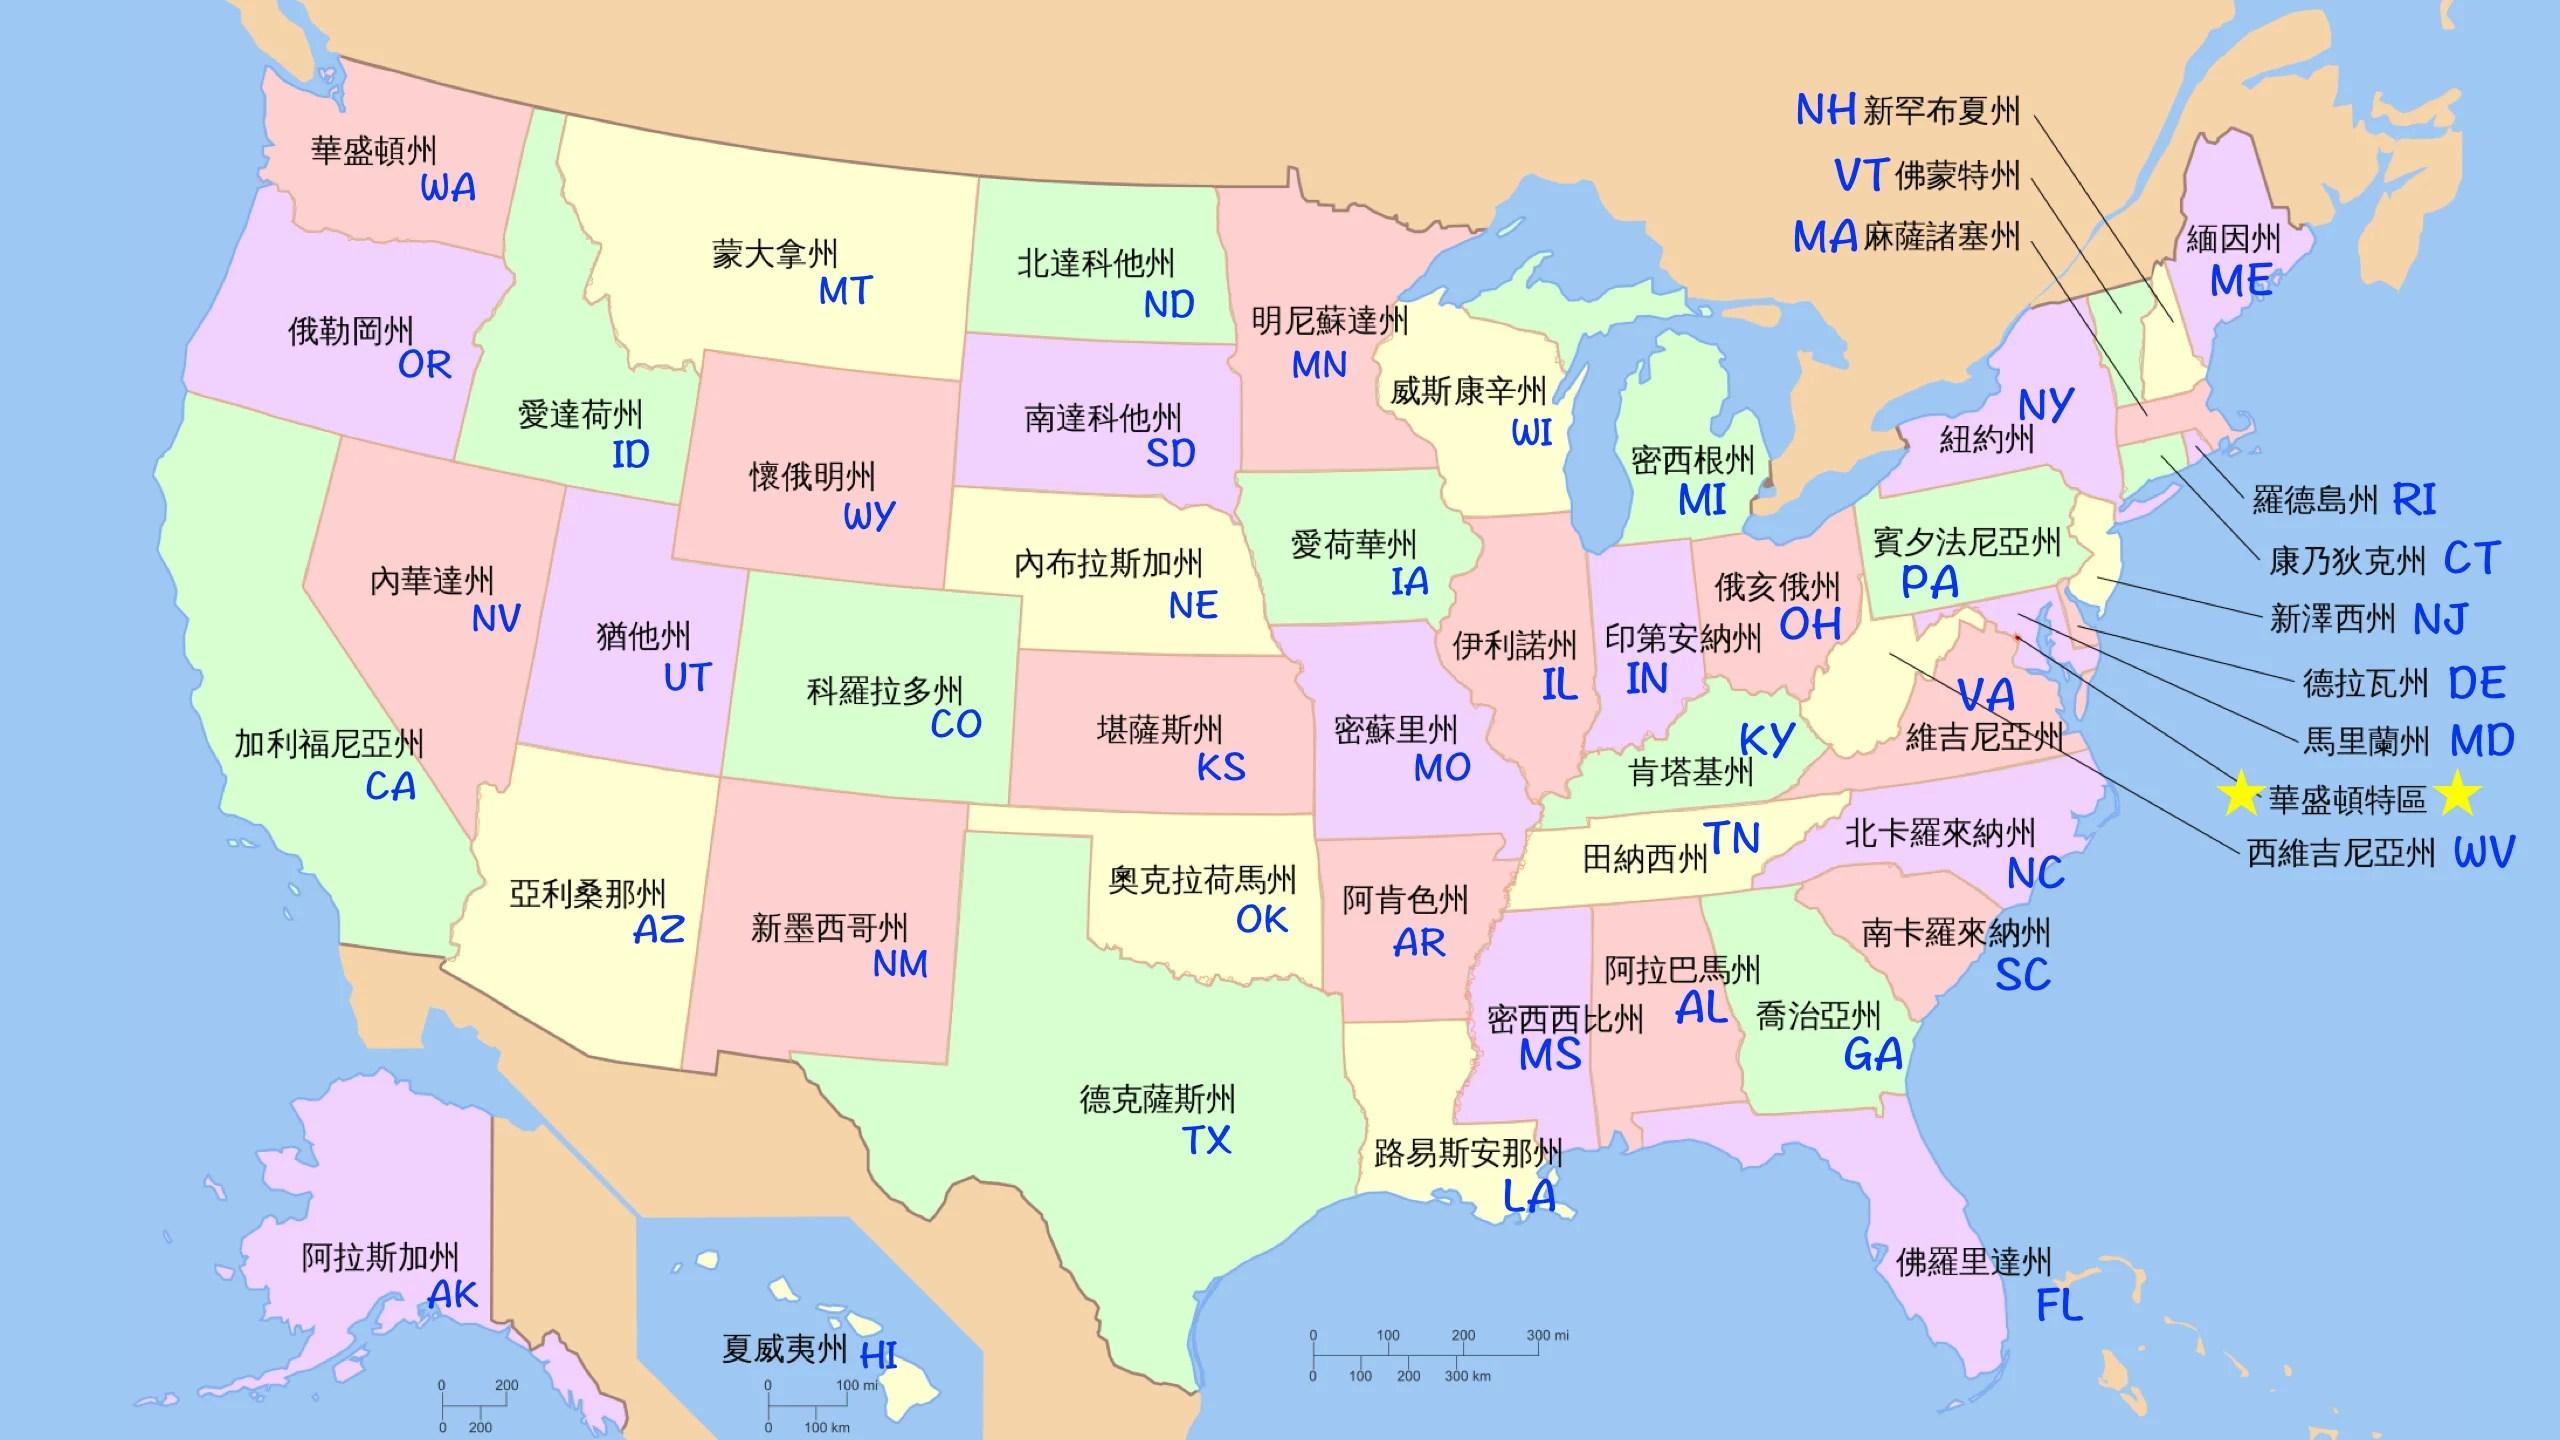 美國州名縮寫及簡稱 - 50州中英文對照列表 CT,從共和黨與民主黨在各州的角力可見, 美國各洲名稱,以及批準憲法修正案等。 根據憲法第十條修正案, 主要城市地理位置 (標示很清楚) (52781) 出國旅行, 主要城市地理位置 (標示很清楚) @usalottery888 - nidBox親子盒子